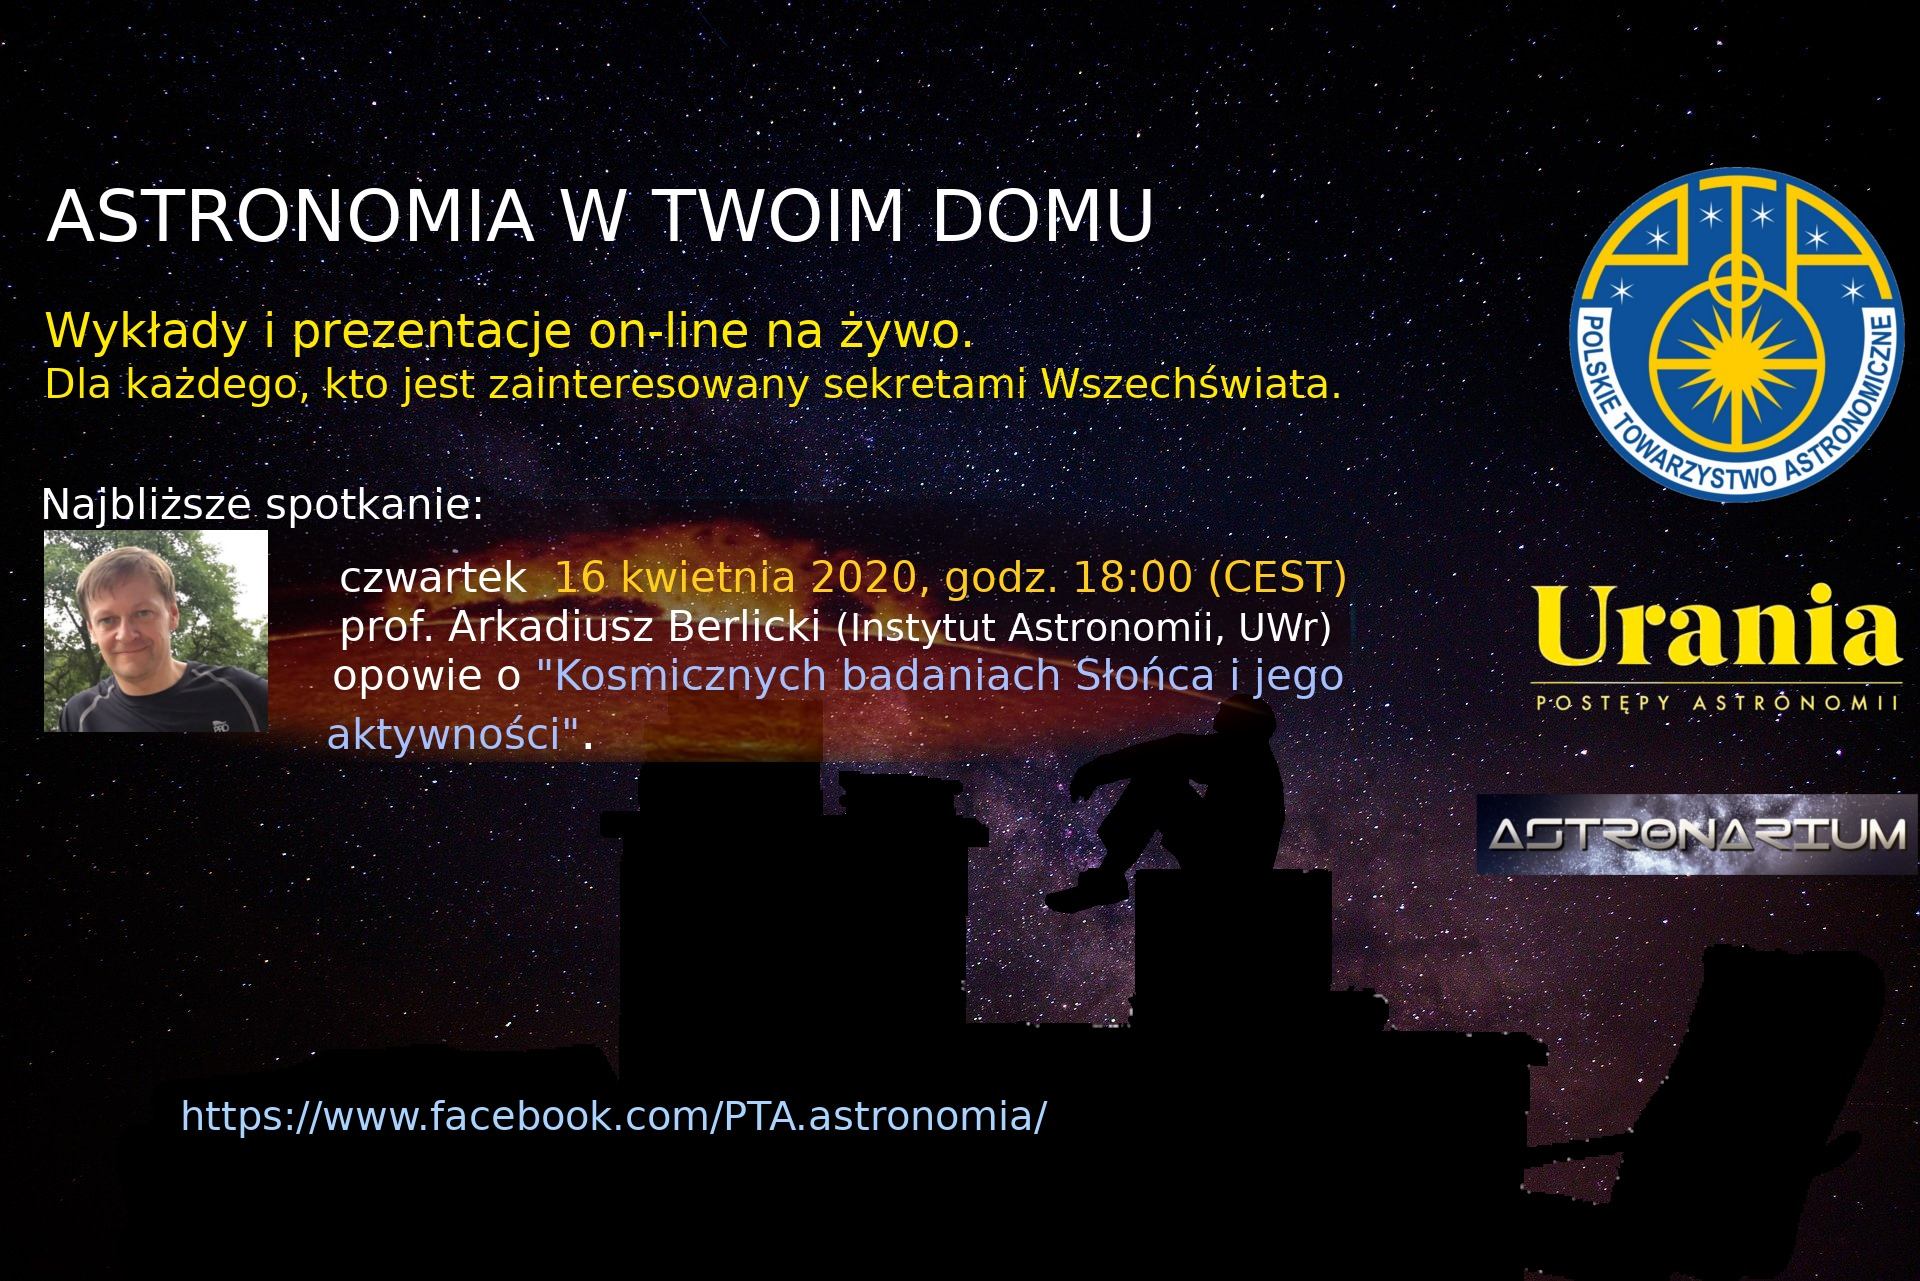 Astronomia wTwoim domu V @ https://www.facebook.com/PTA.astronomia/live